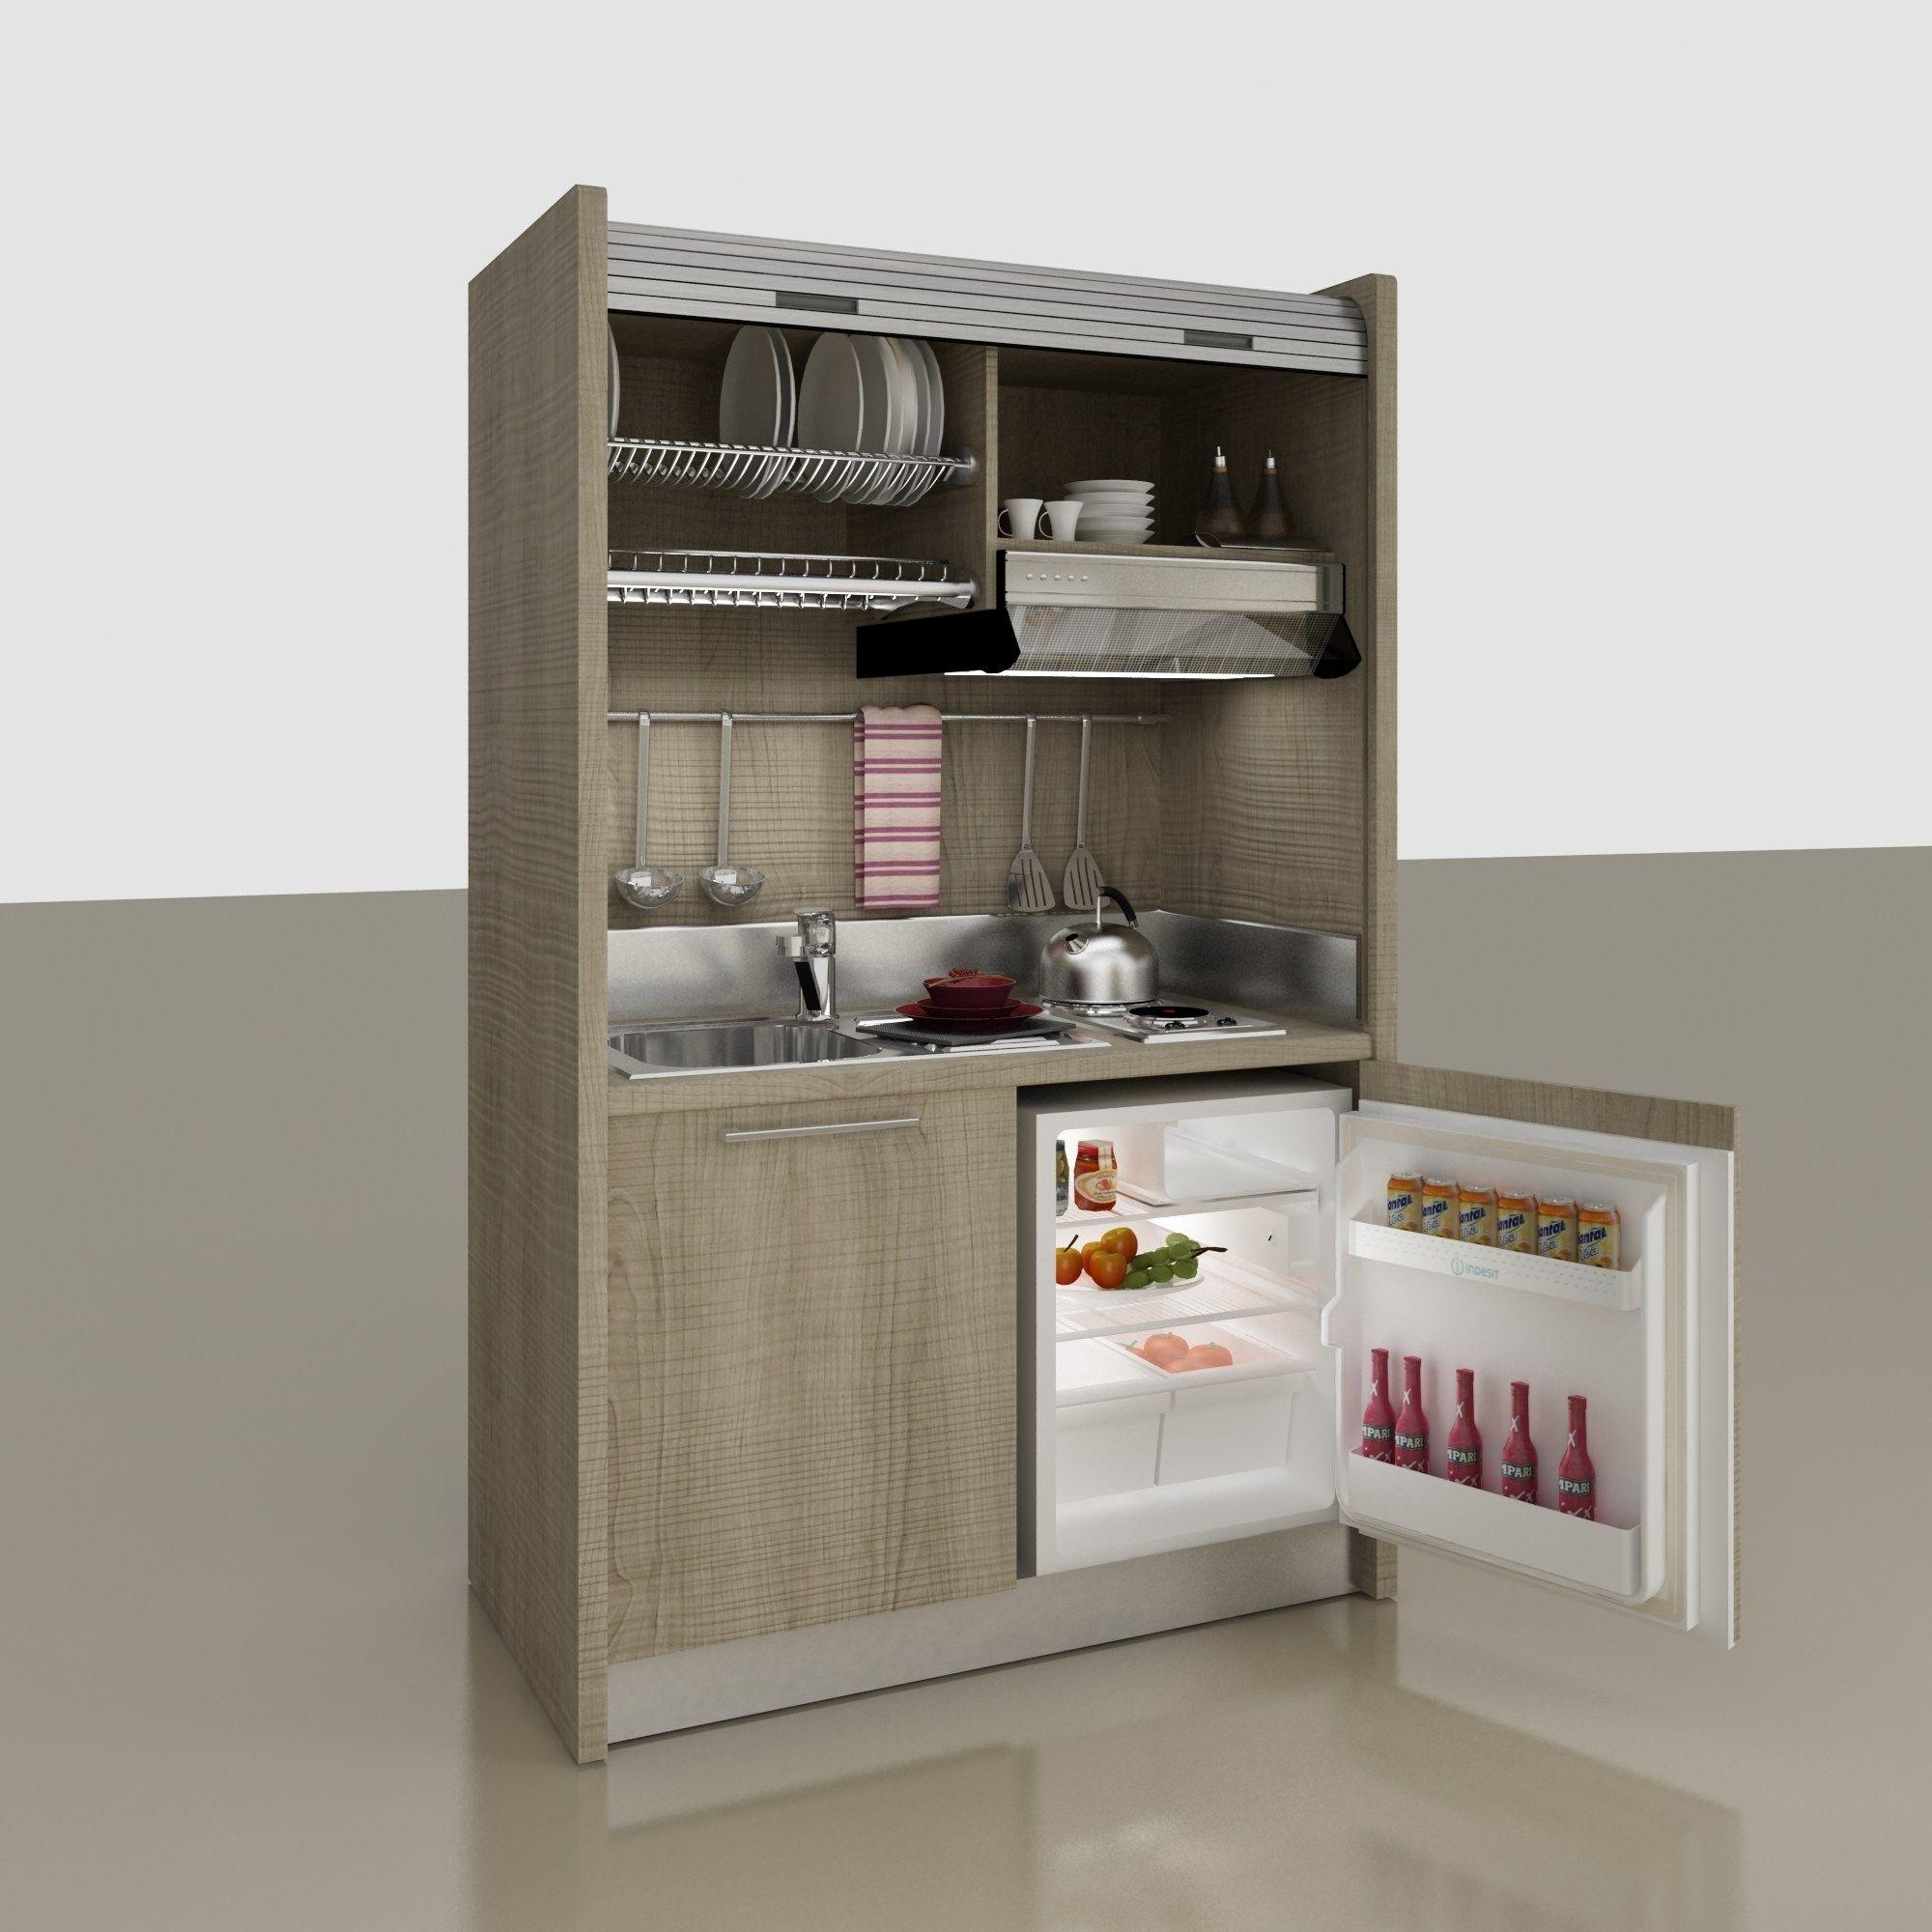 Le Mini Cucine Mini Cucine Prezzi Van Conversions Mini